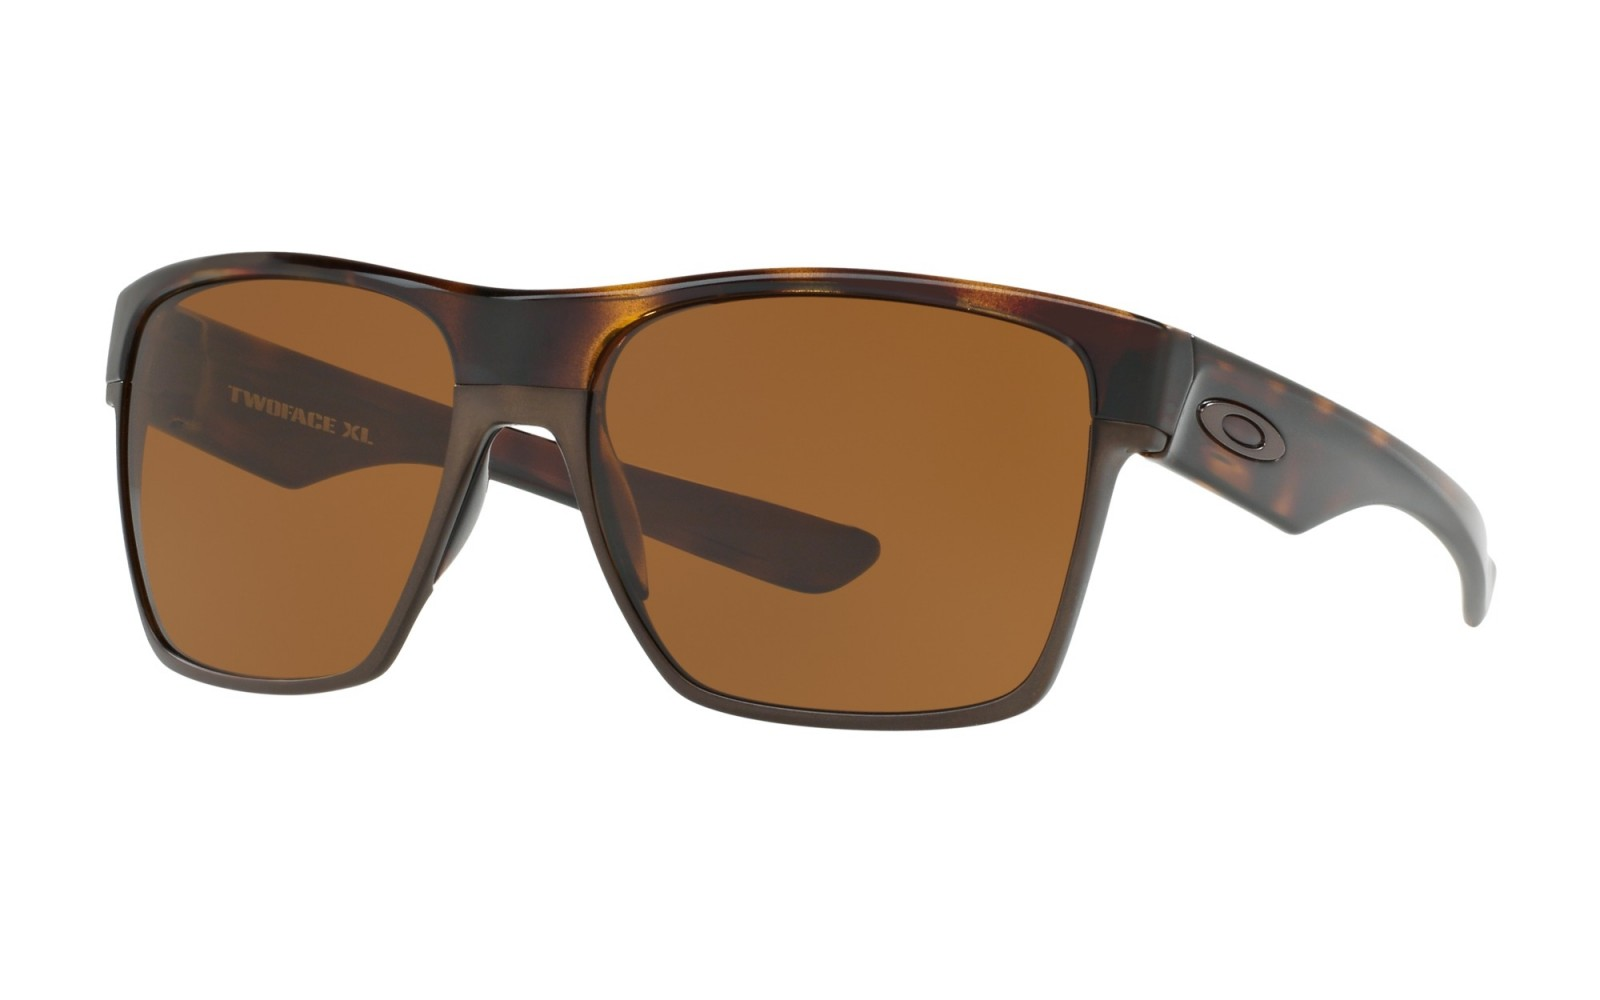 Oakley TwoFace XL - Tortoise / Dark Bronze - OO9350-06 Zonnebril